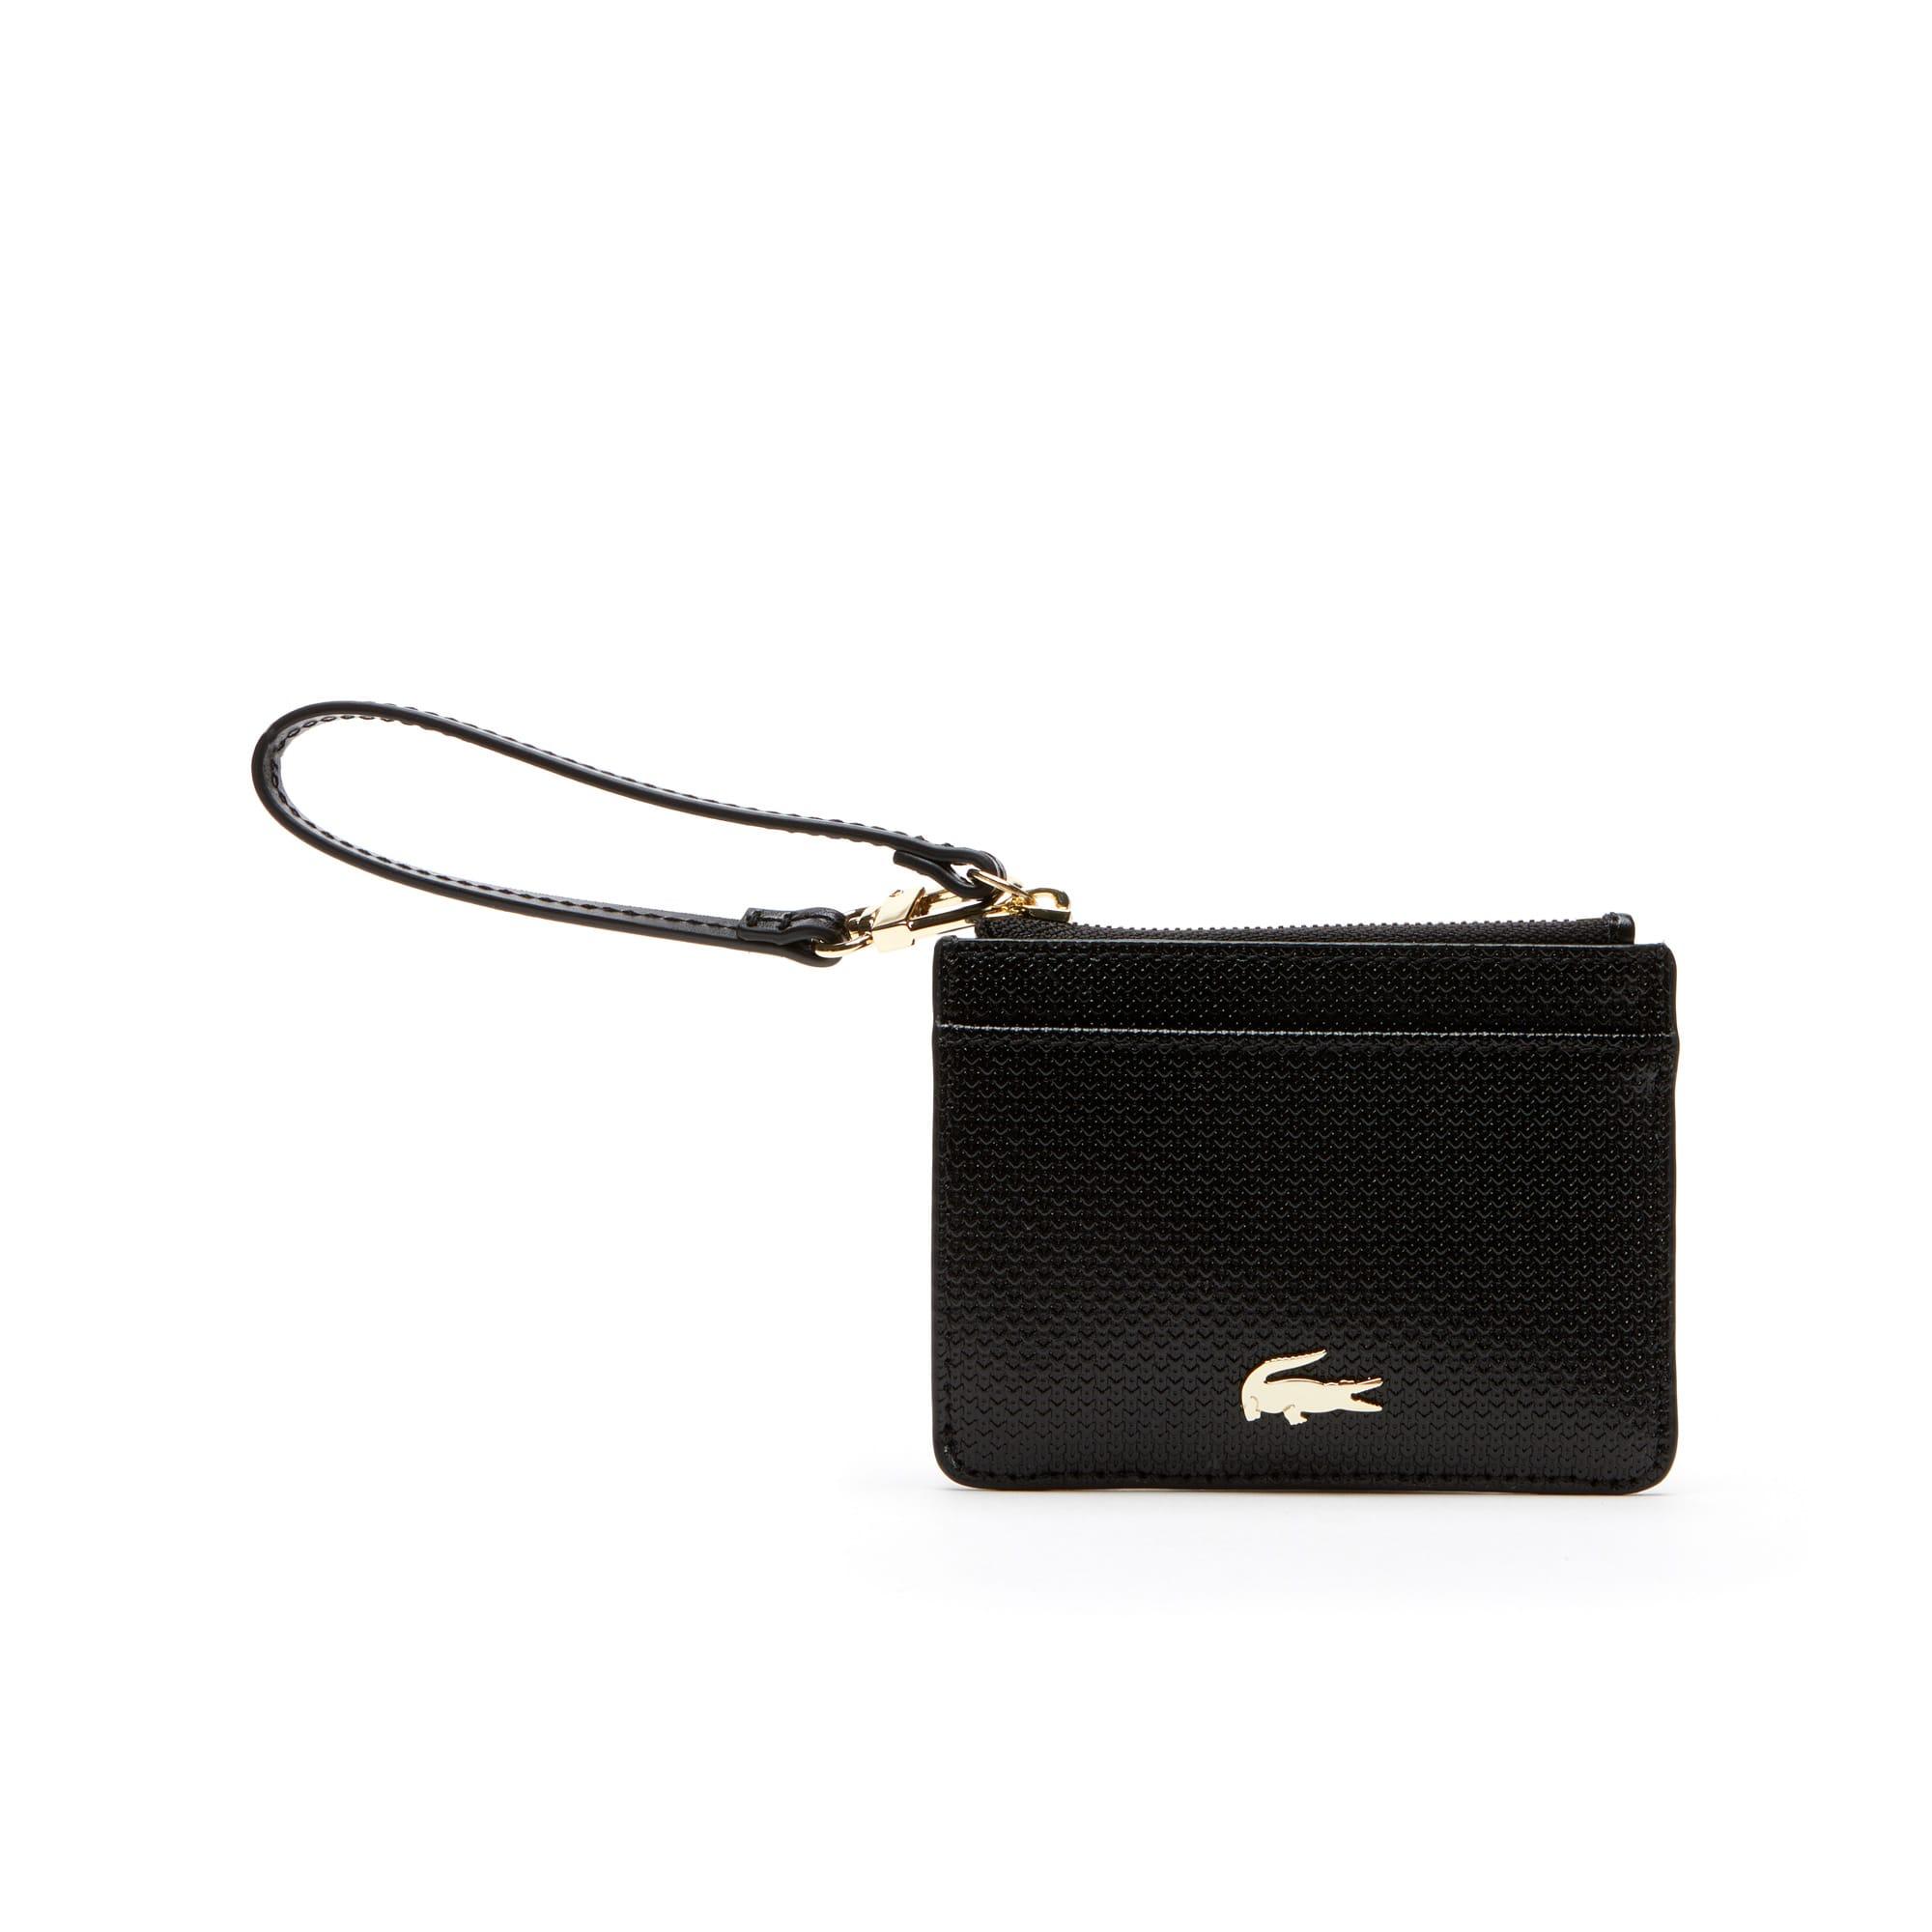 라코스테 카드 지갑 Lacoste Womens Chantaco Bicolor Pique Leather Card Holder,black